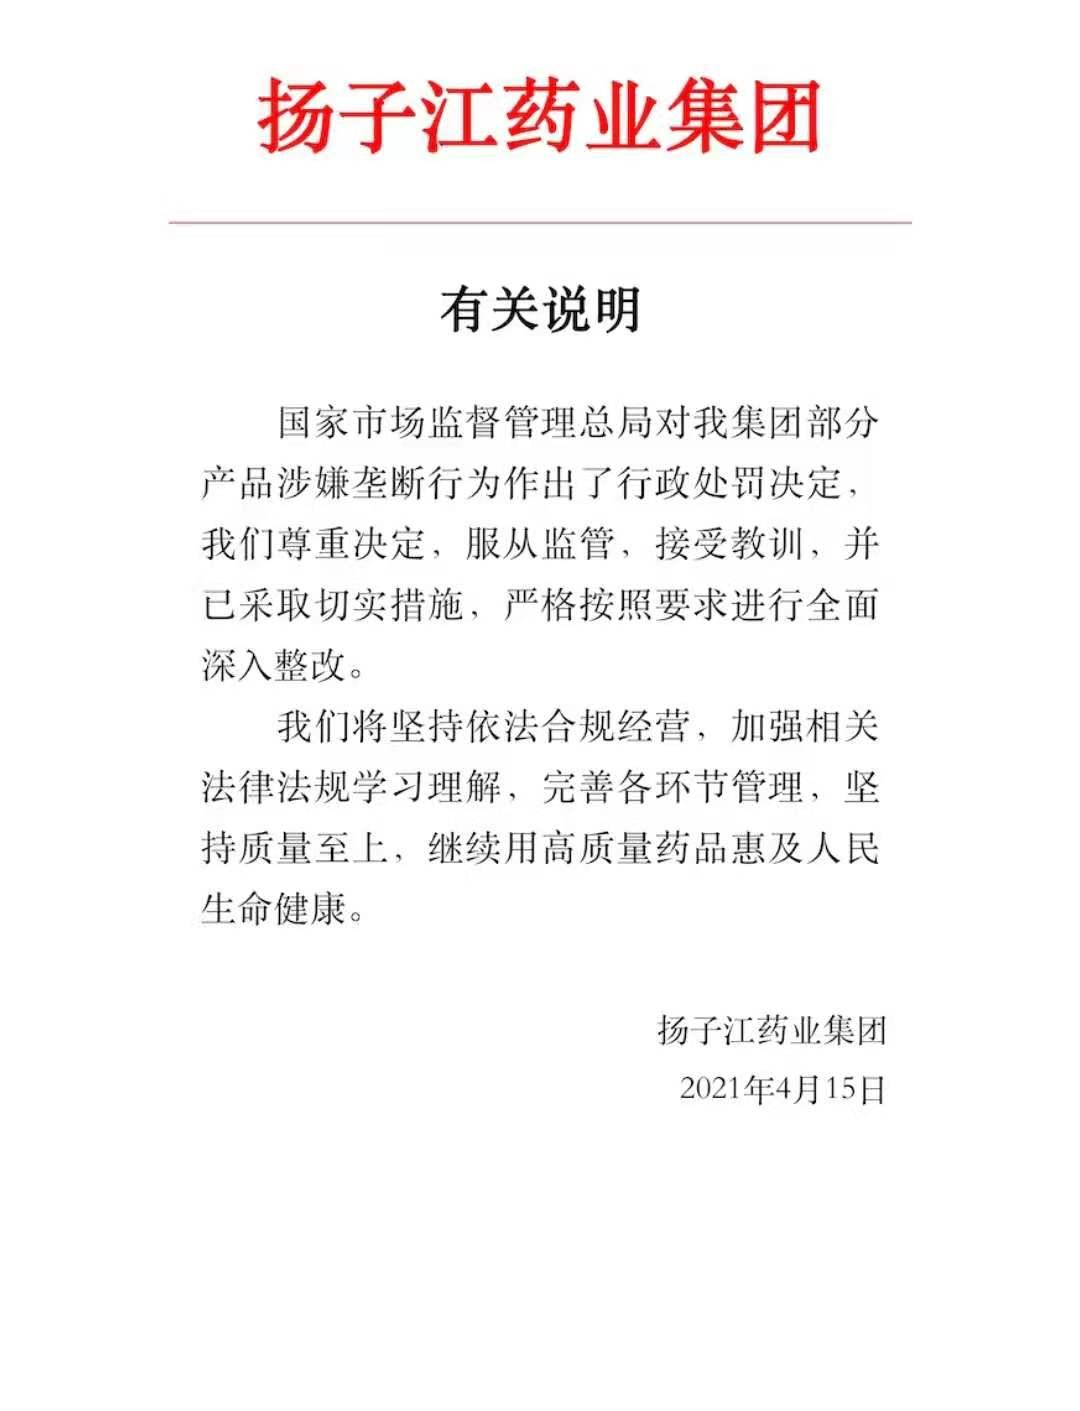 扬子江药业就7.64亿元罚单作出官方回应